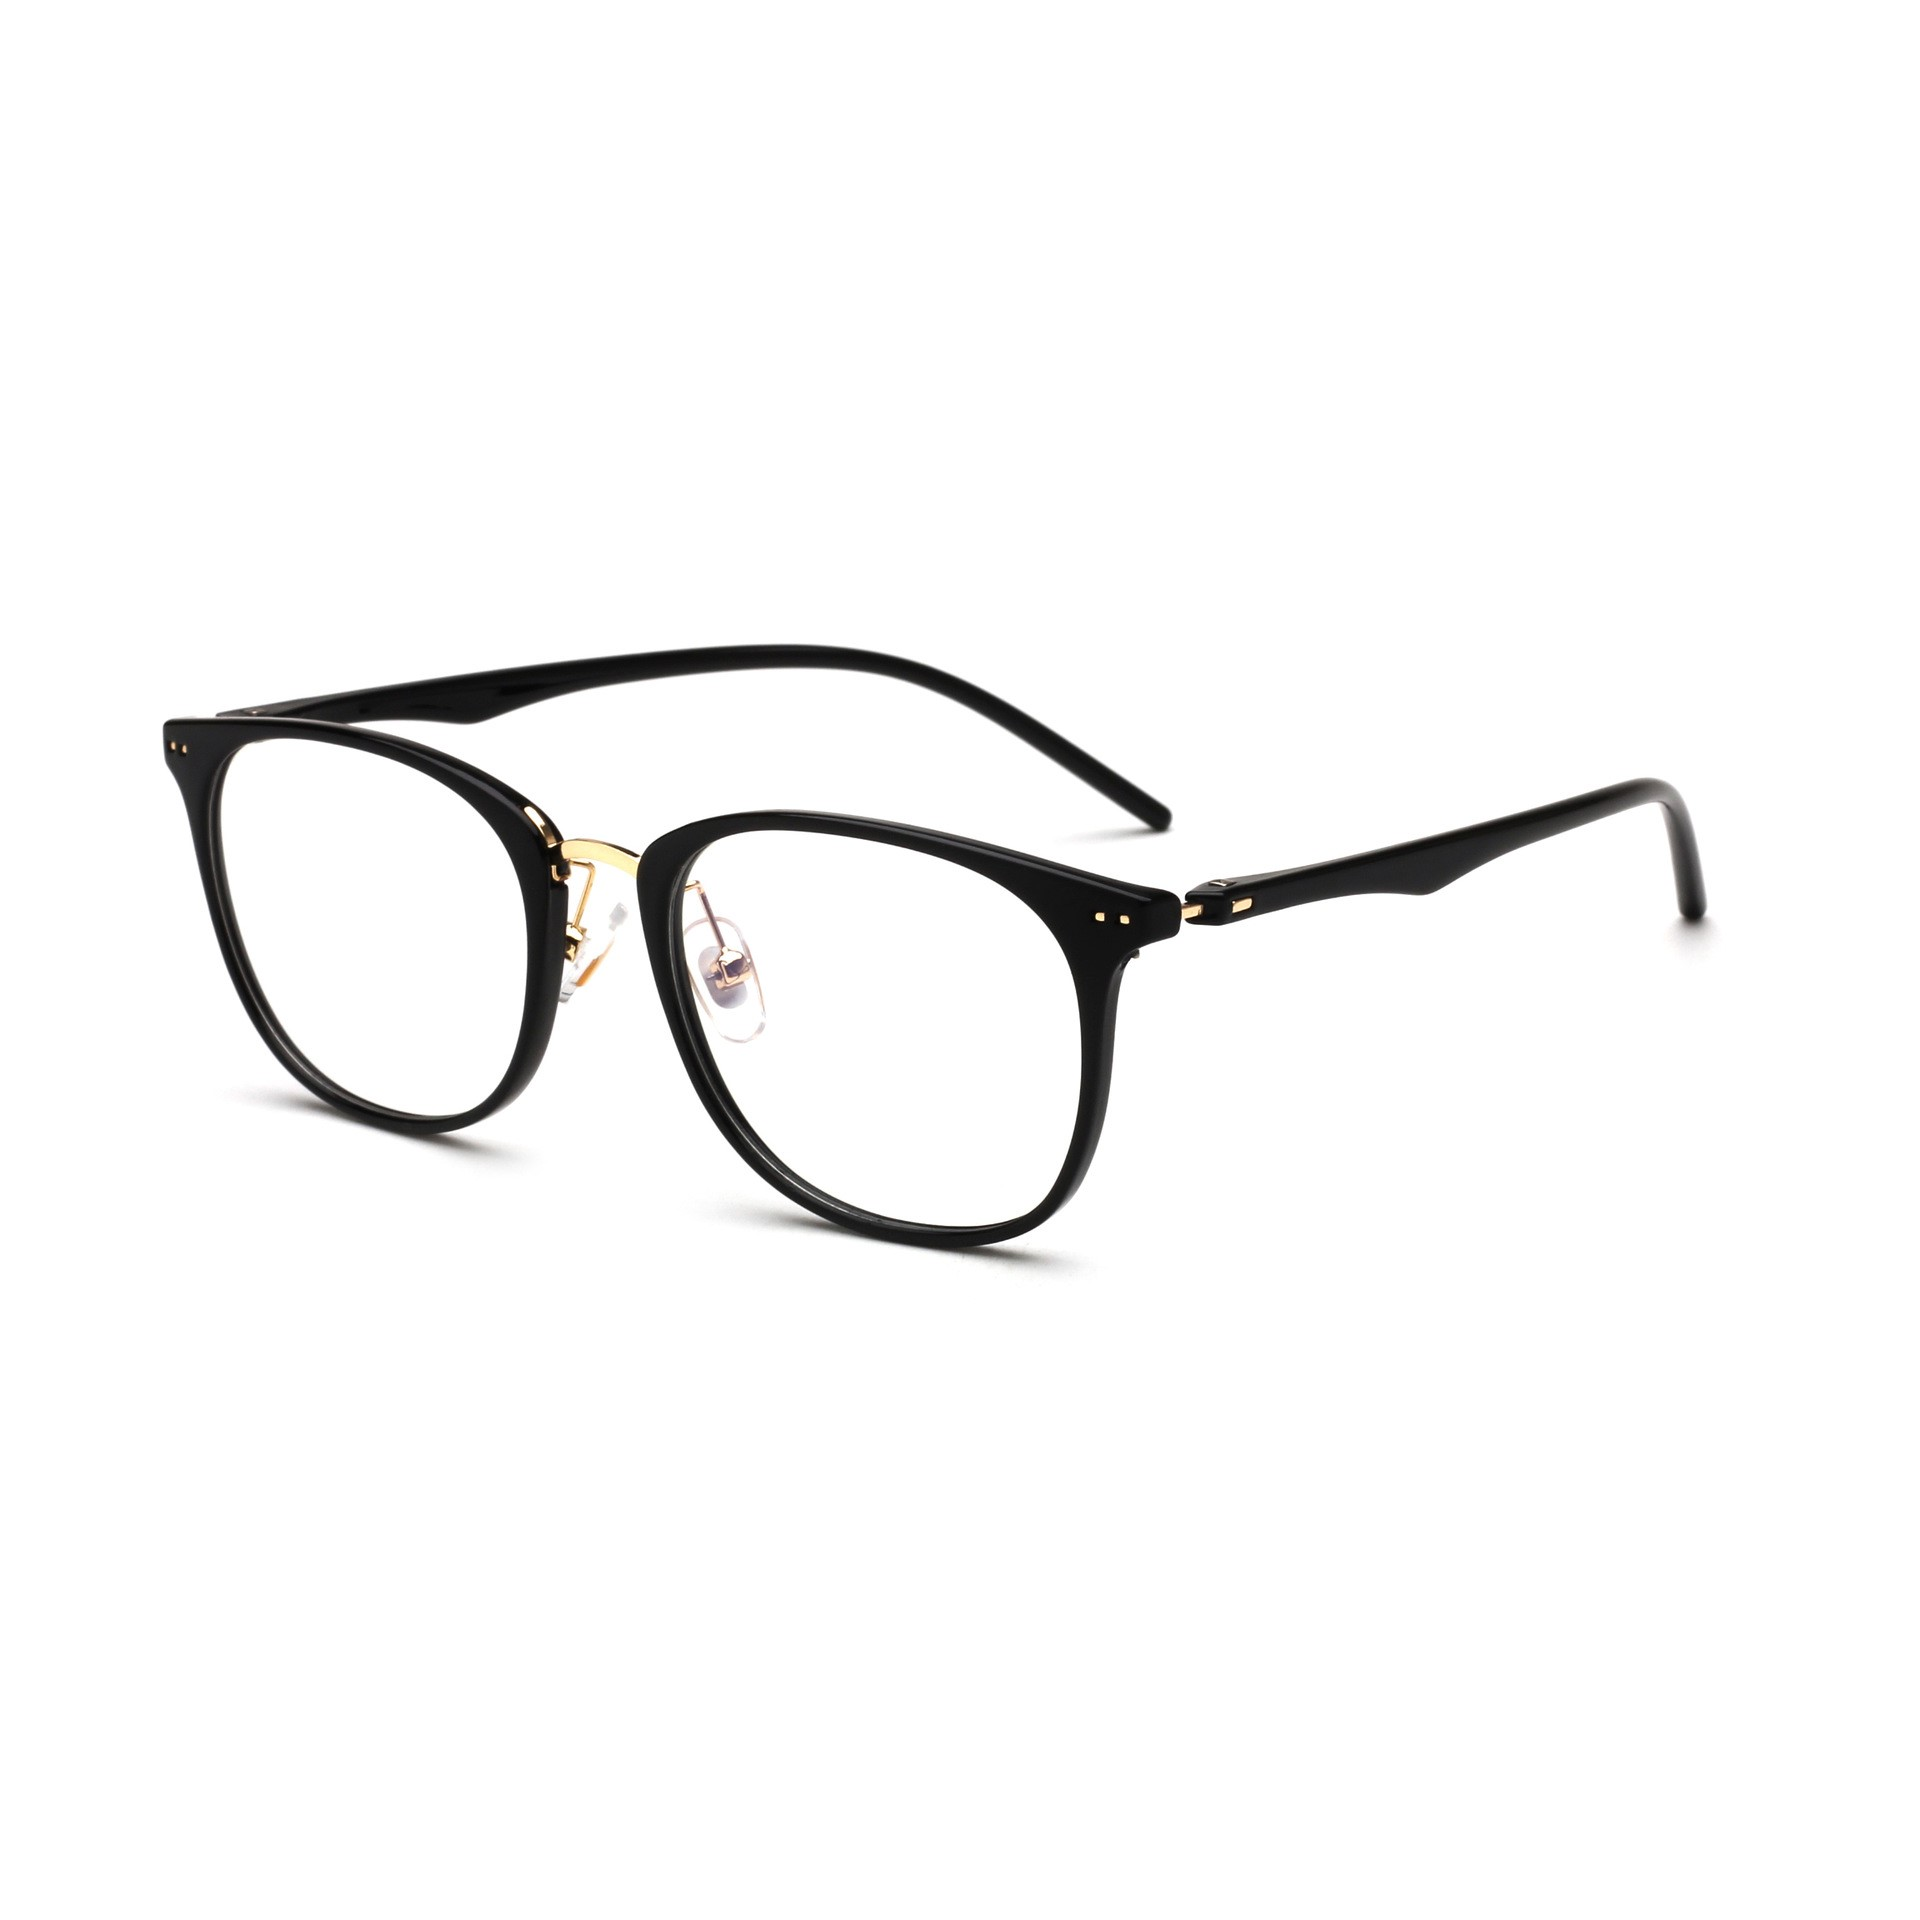 欧莱欧8071复古超轻眼镜框tr90全女士男框架配a女士眼镜架新款光学